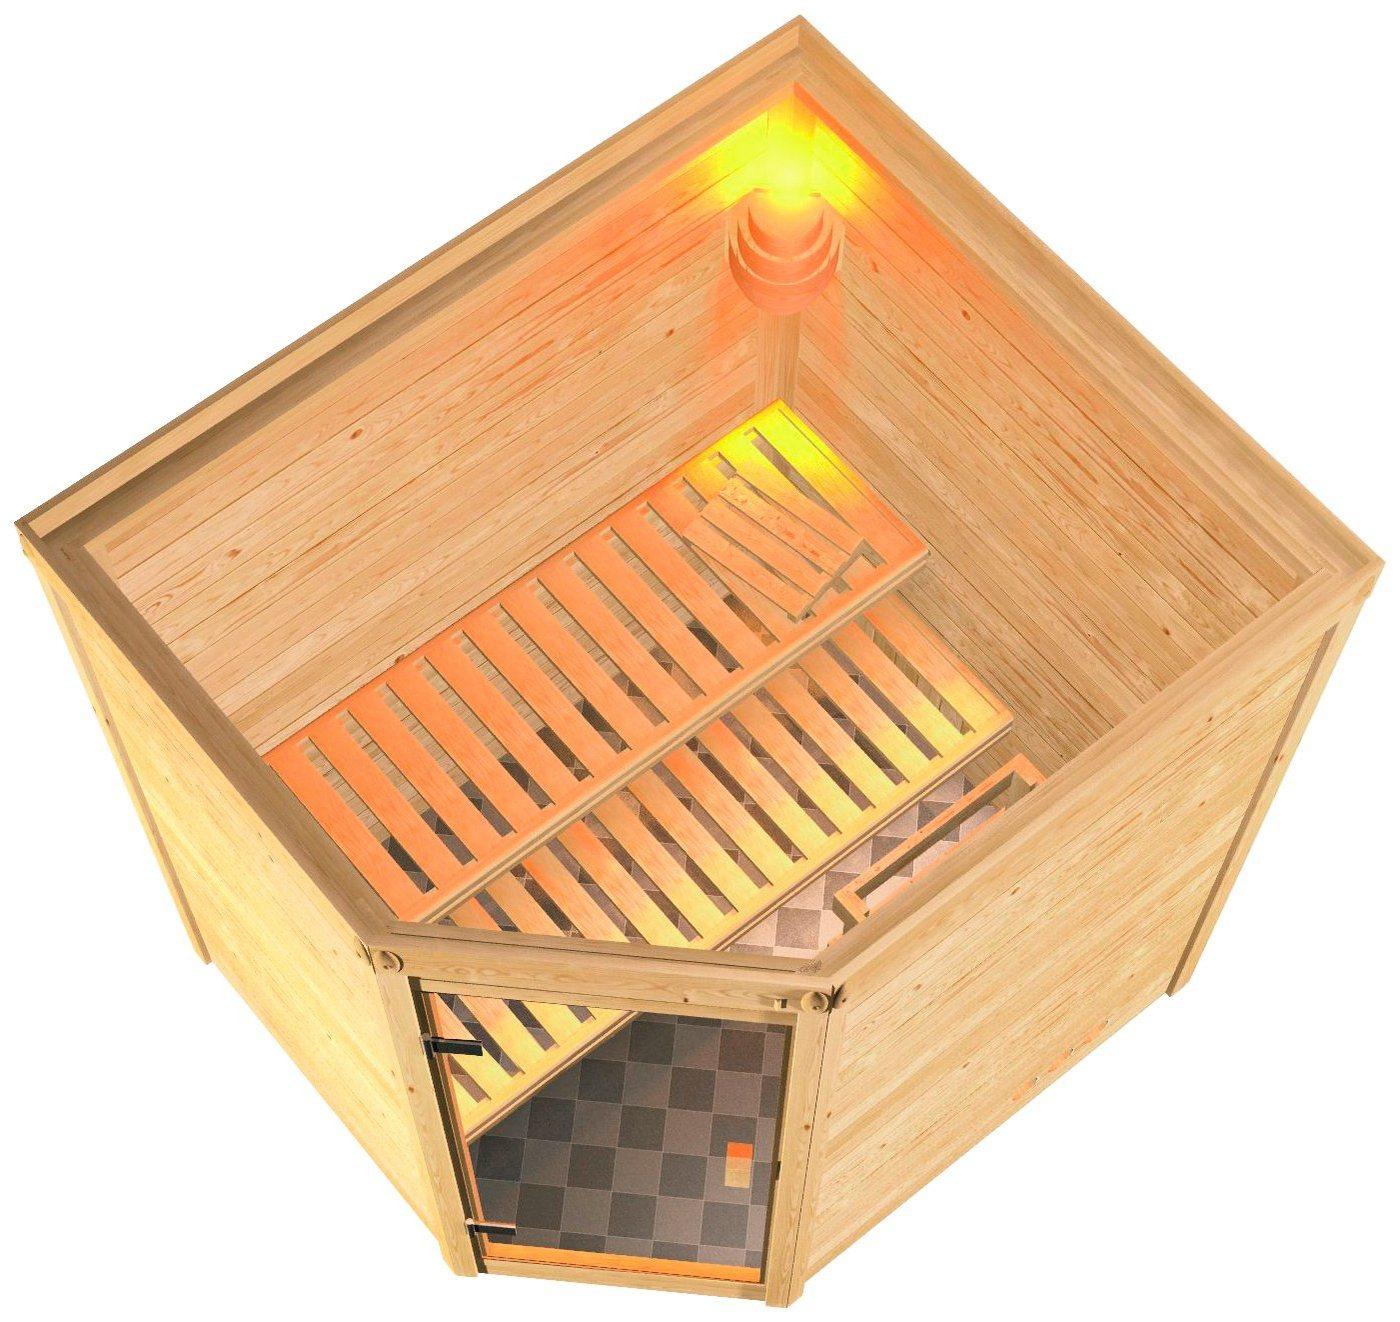 KARIBU Sauna »Mia«, 196/170/200 cm, 9-kW-Ofen mit ext. Steuerung, Glastür grafit